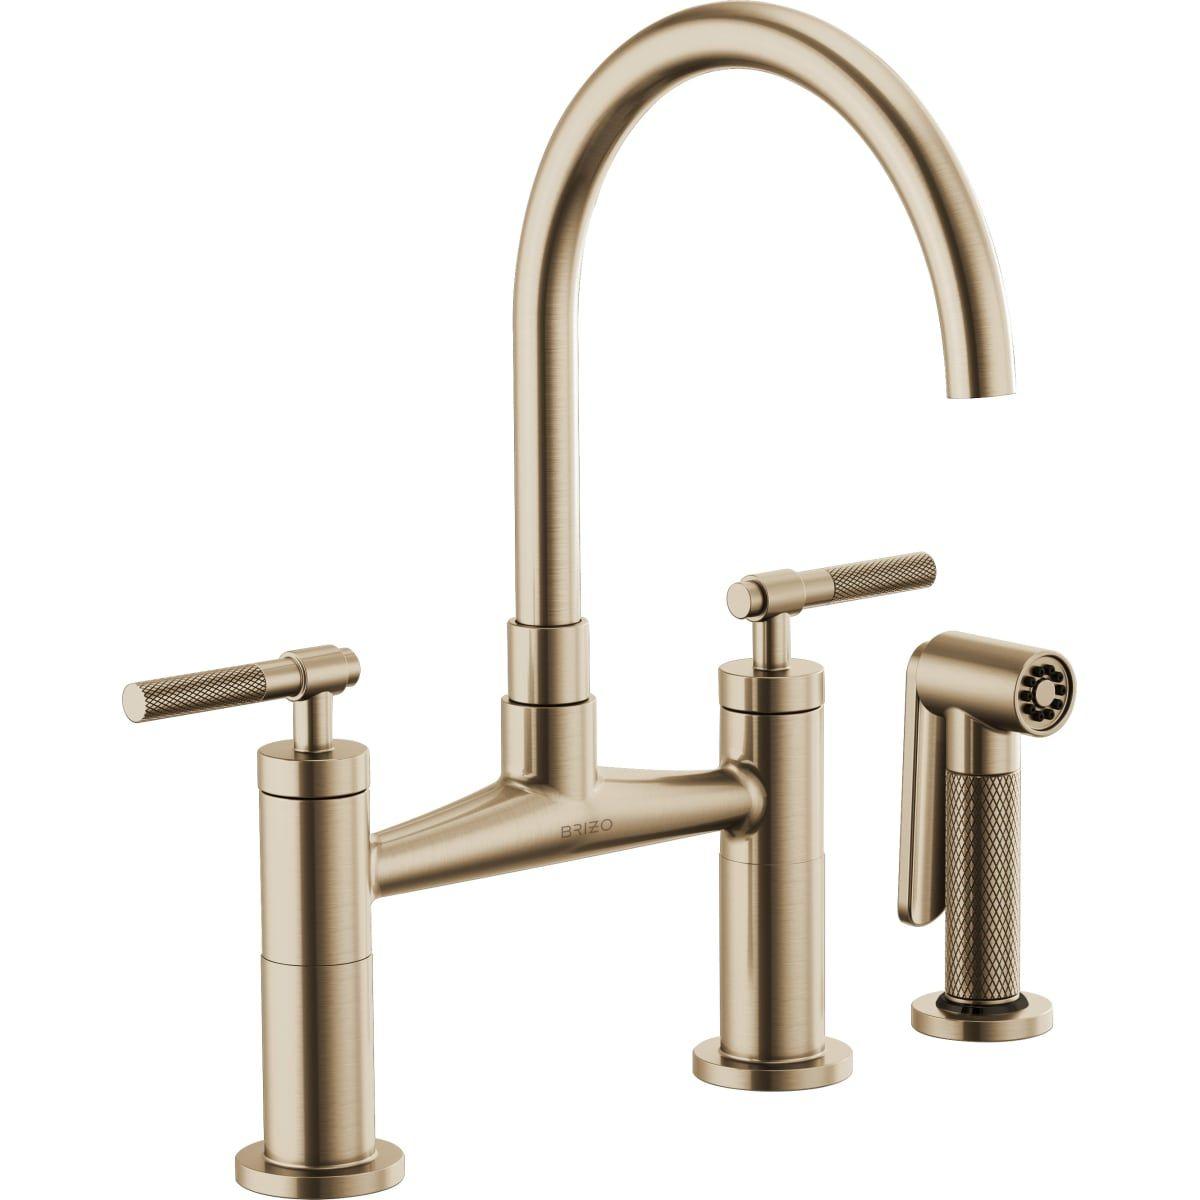 Brizo 62543lf Faucet Gold Faucet Kitchen Handles